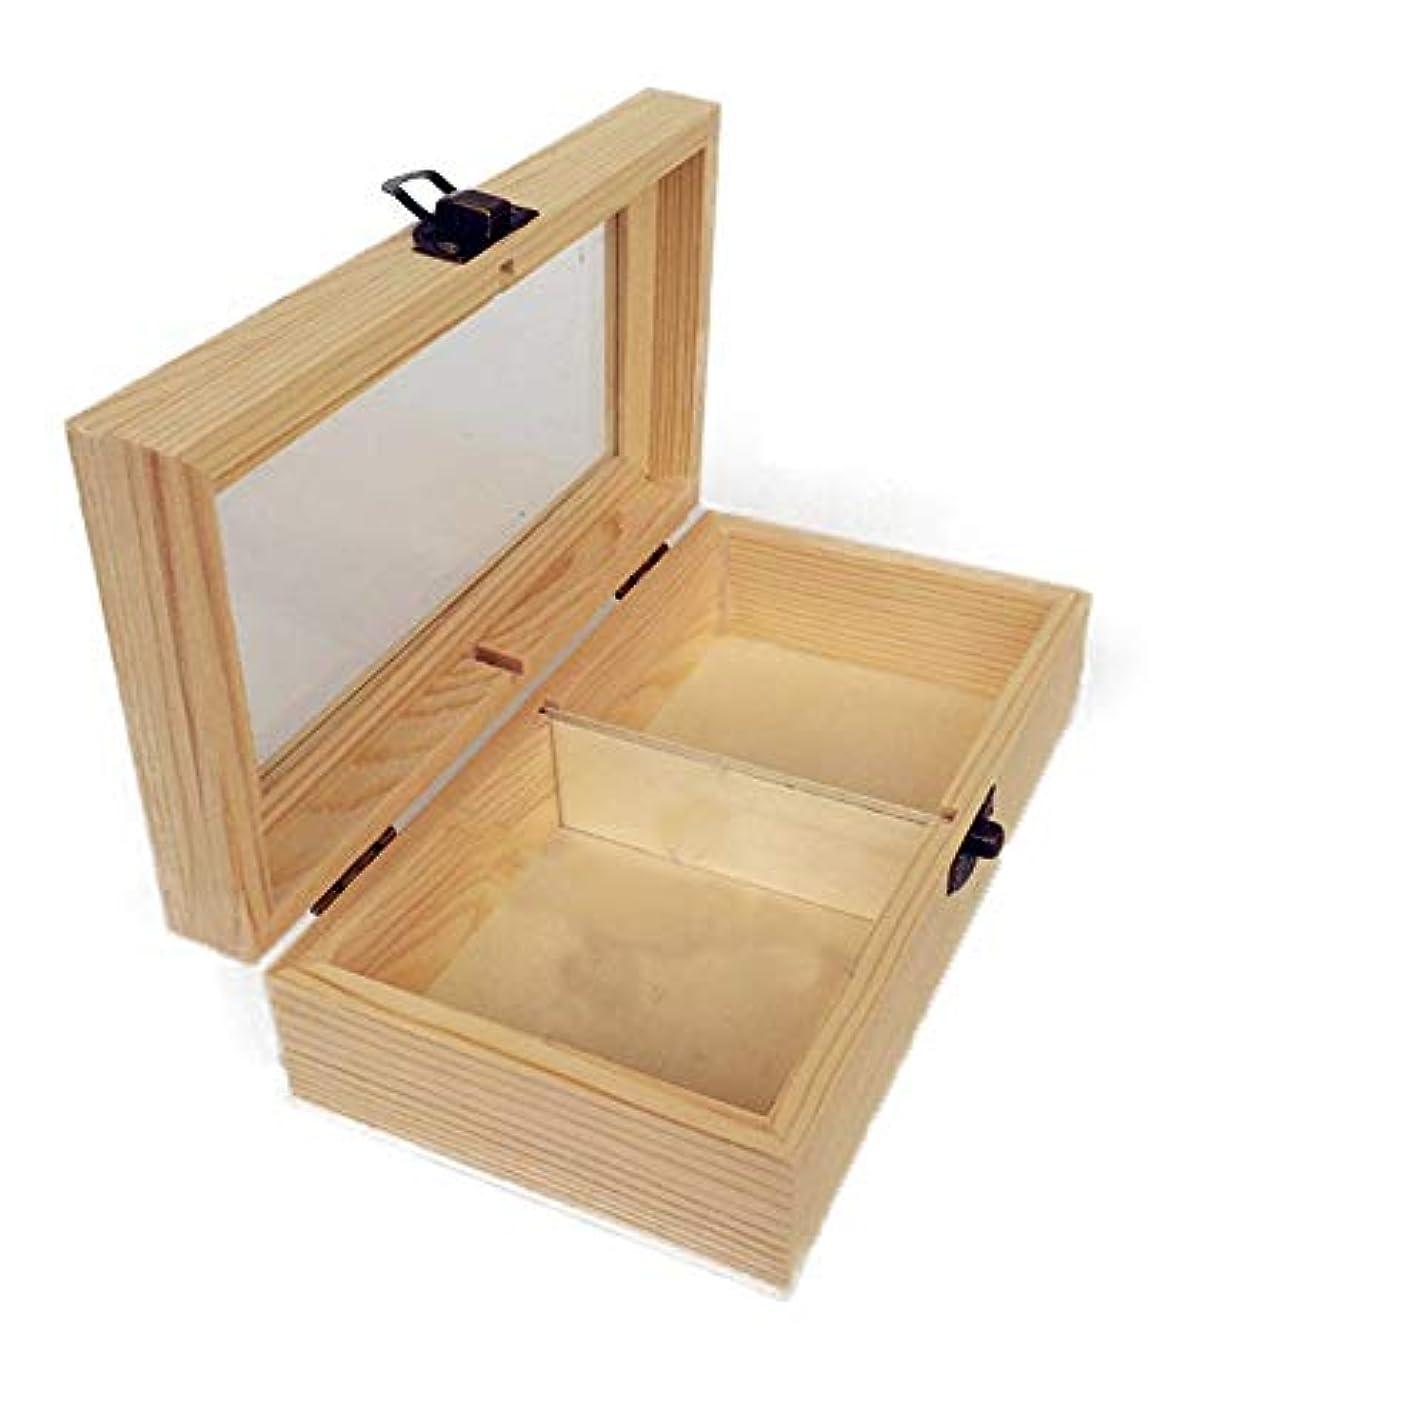 子供っぽいに対処するオールプレゼンテーションのために手作りの木製ギフトボックスパーフェクトエッセンシャルオイルケースにエッセンシャルオイルは、被害太陽光からあなたの油を保護します アロマセラピー製品 (色 : Natural, サイズ : 18X10X5.5CM)